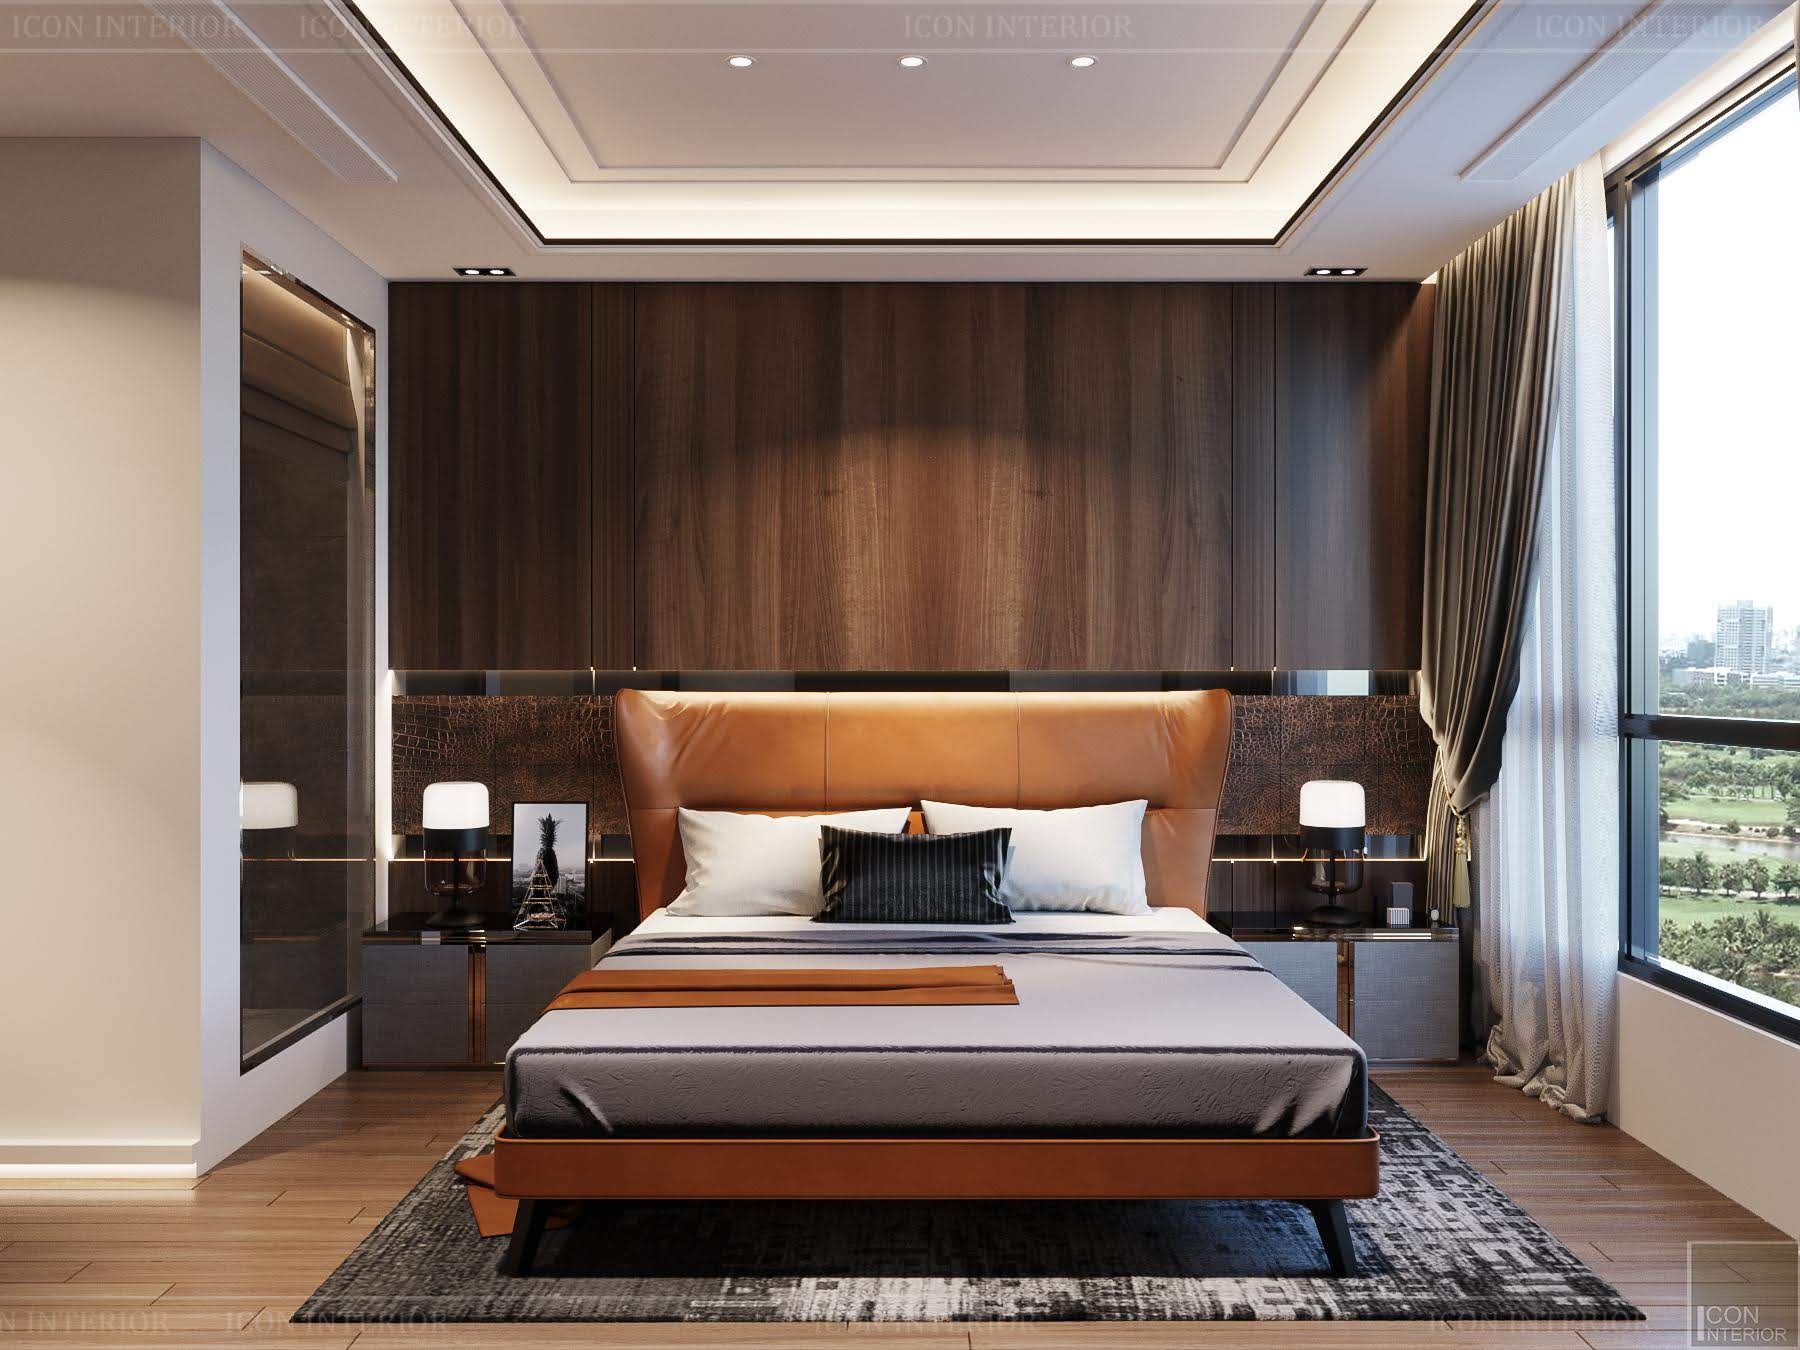 thiết kế nội thất phong cách hiện đại - phòng master 2